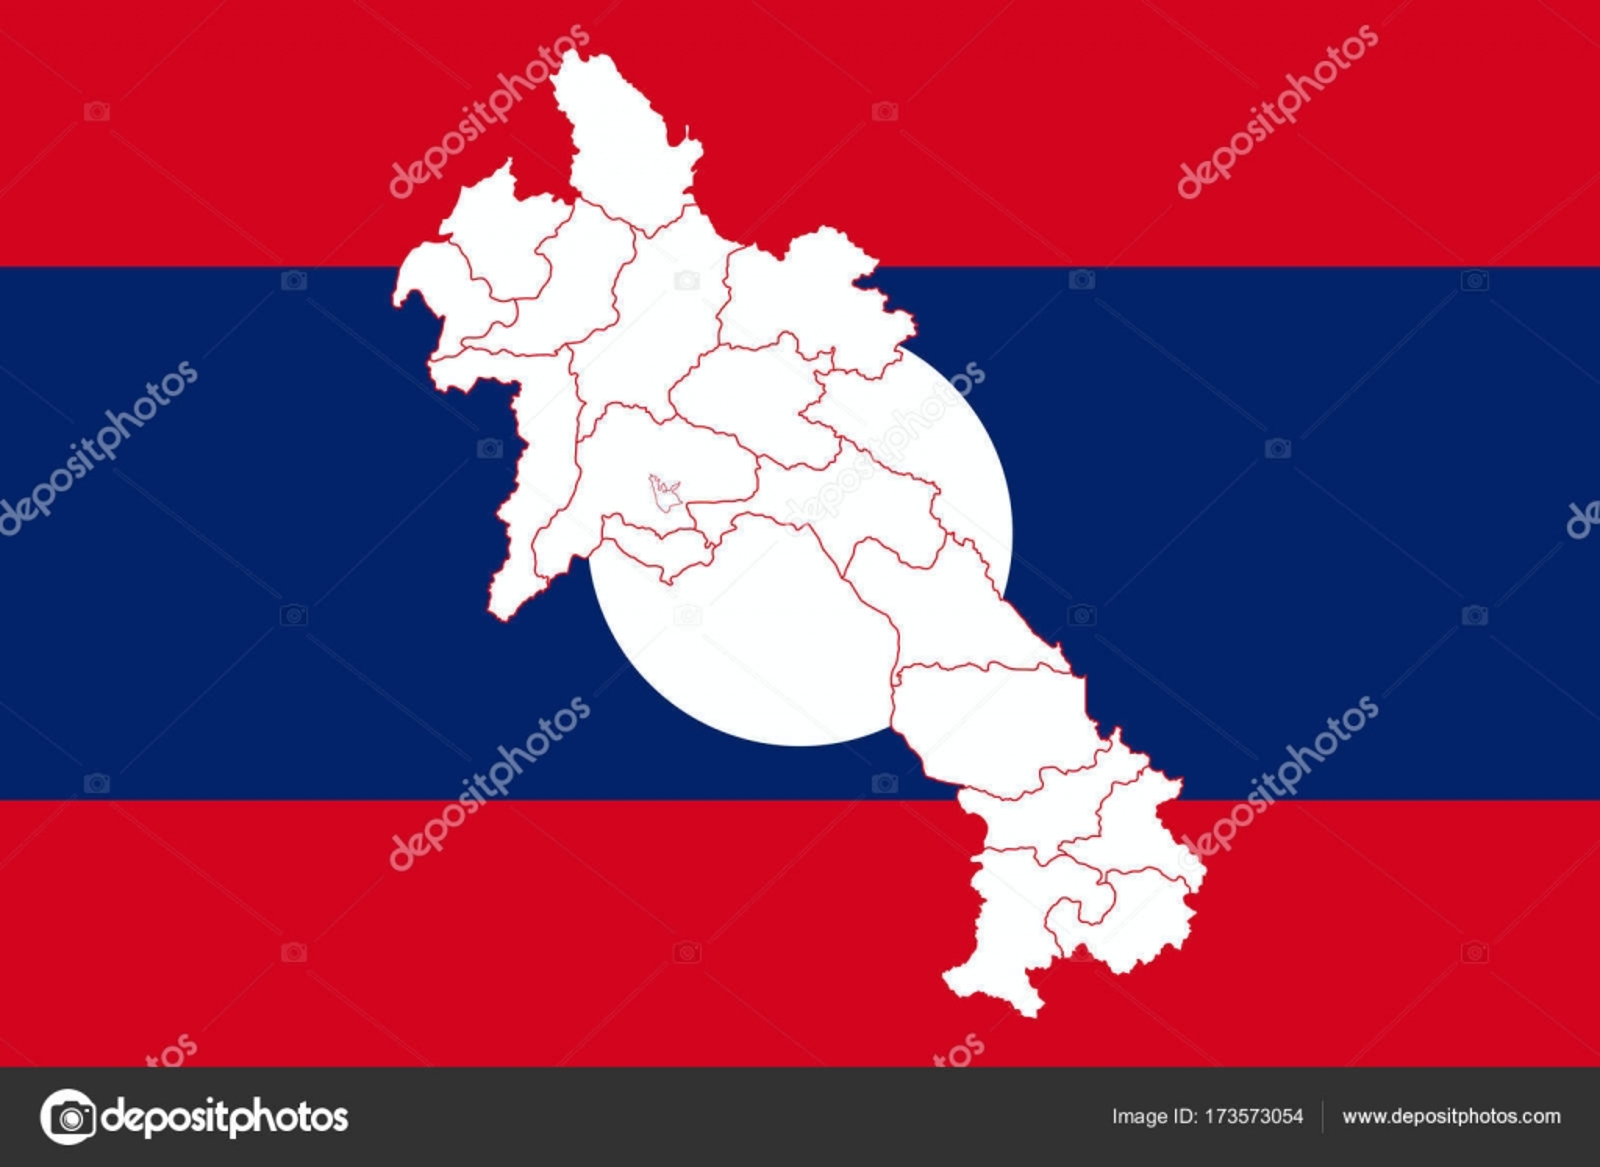 Carte Du Monde Laos.Carte Et Drapeau Du Laos Image Vectorielle Uglegorets C 173573054